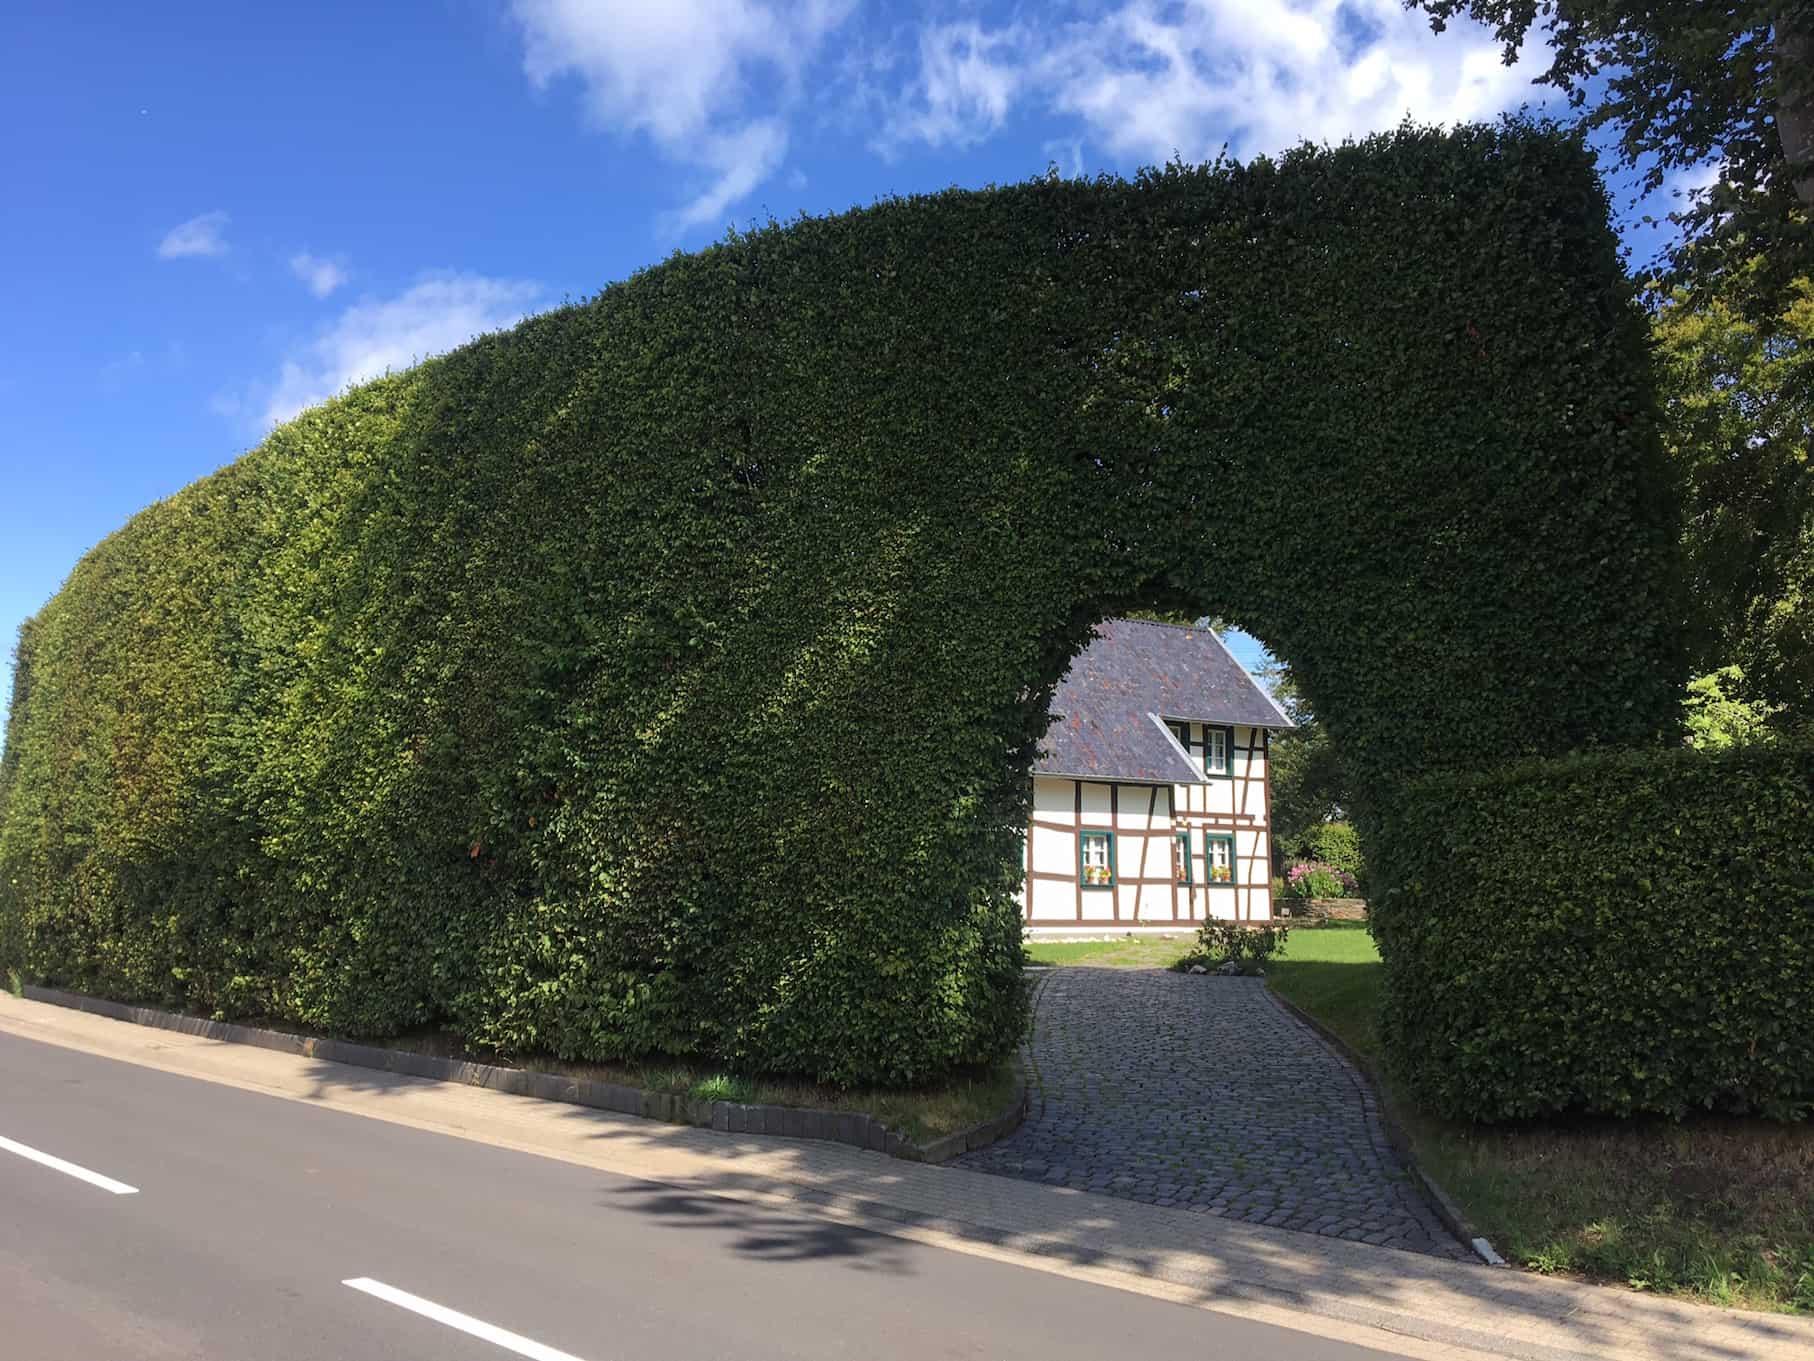 Heckenweg in Höfen